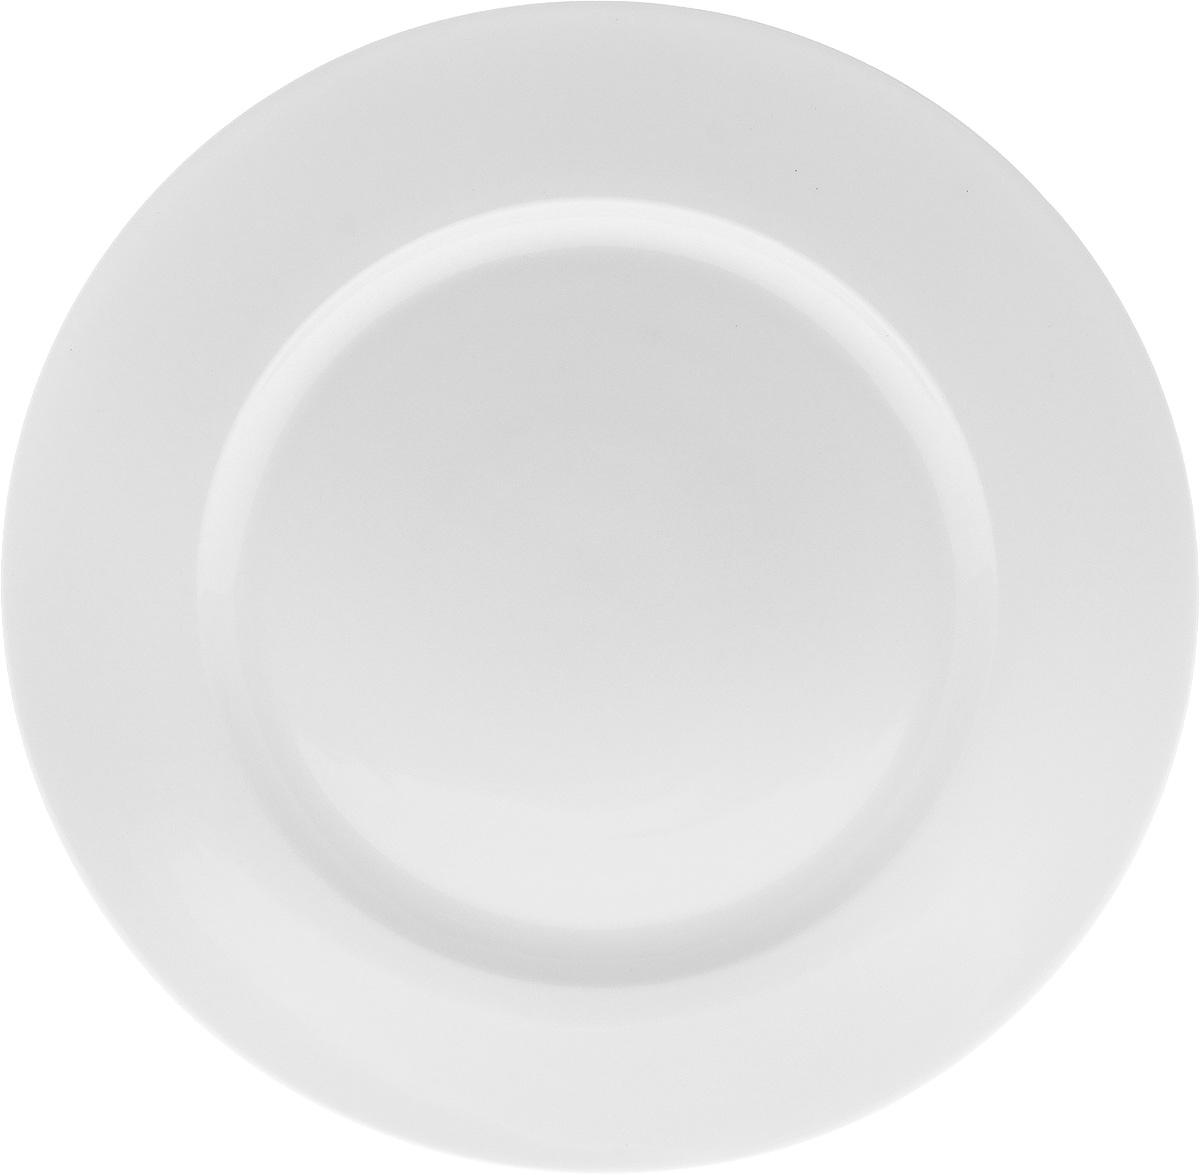 Блюдо Wilmax, диаметр 30,5 см115510Оригинальное блюдо Wilmax, изготовленное из фарфора, прекрасно подойдет для подачи нарезок, закусок и других блюд. Оно украсит ваш кухонный стол, а также станет замечательным подарком к любому празднику.